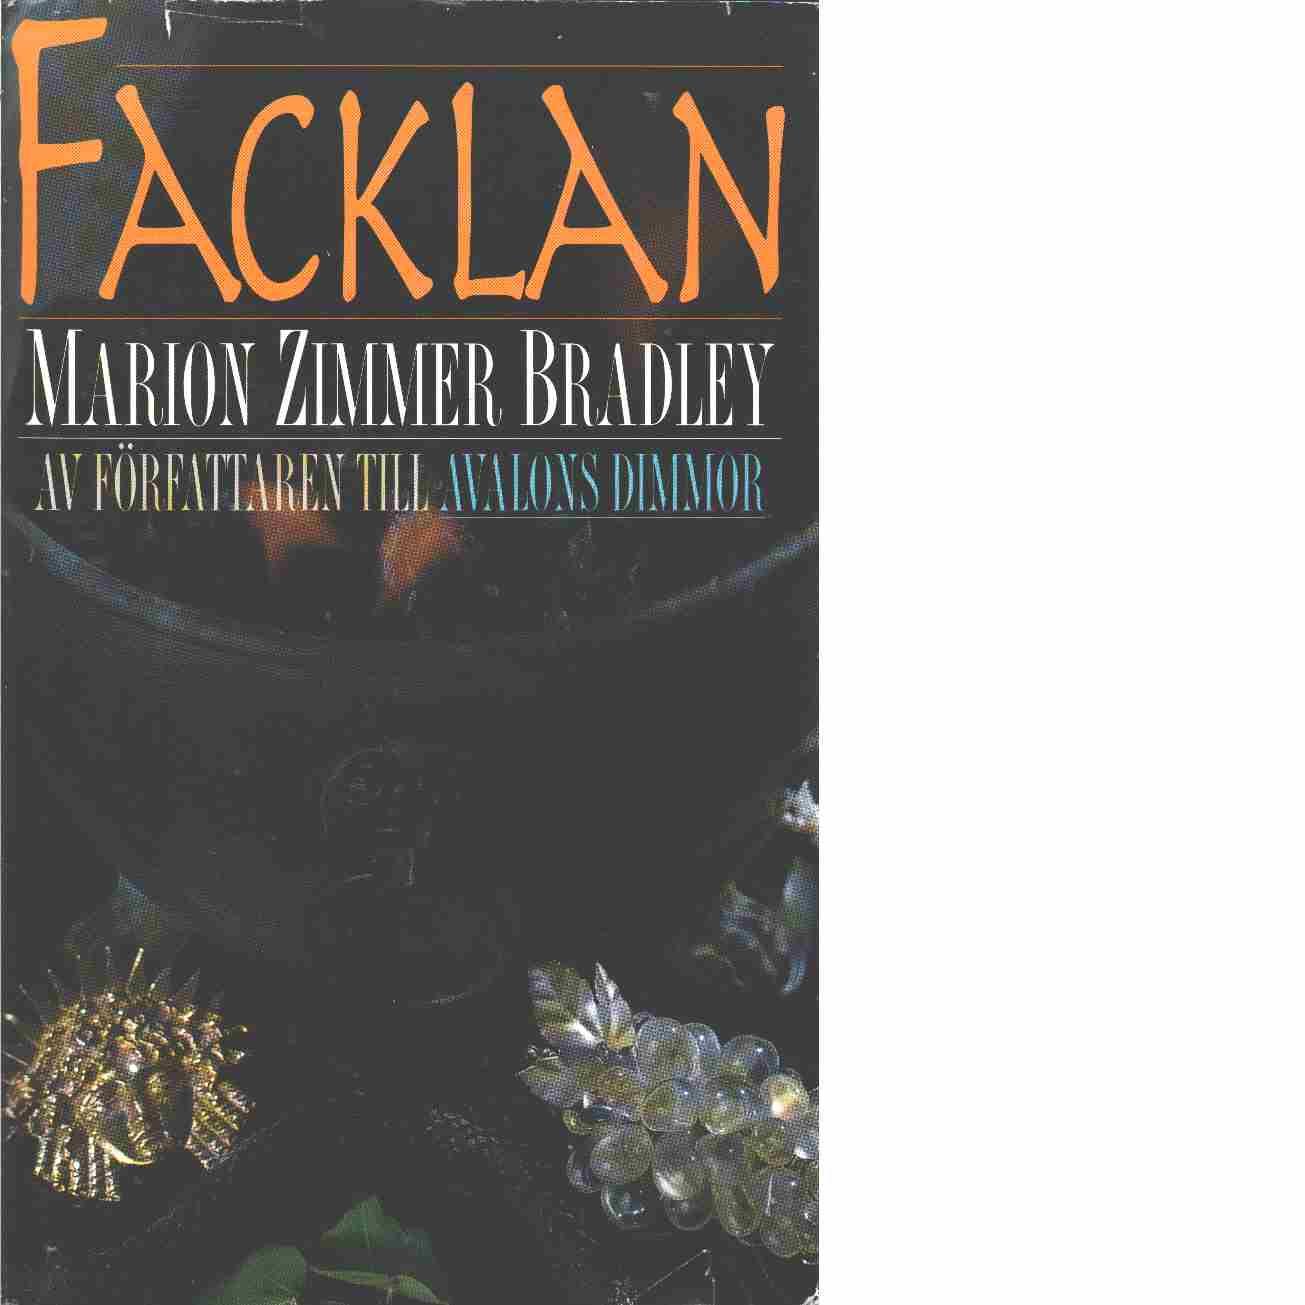 Facklan - Bradley, Marion Zimmer